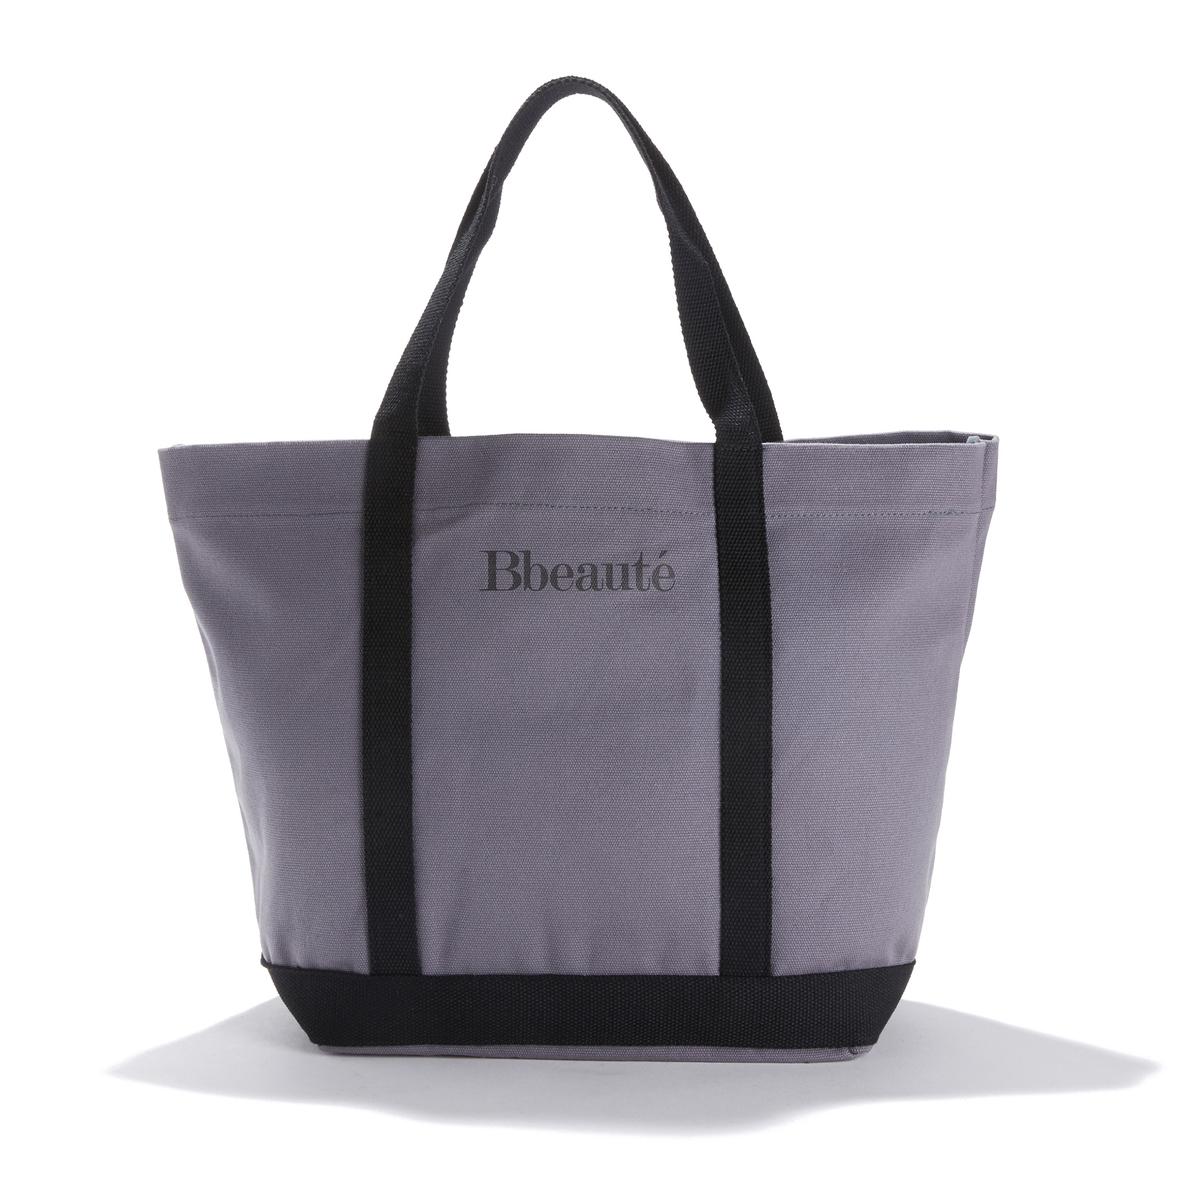 Сумка-шоппер среднего размера с надписью Bbeauté